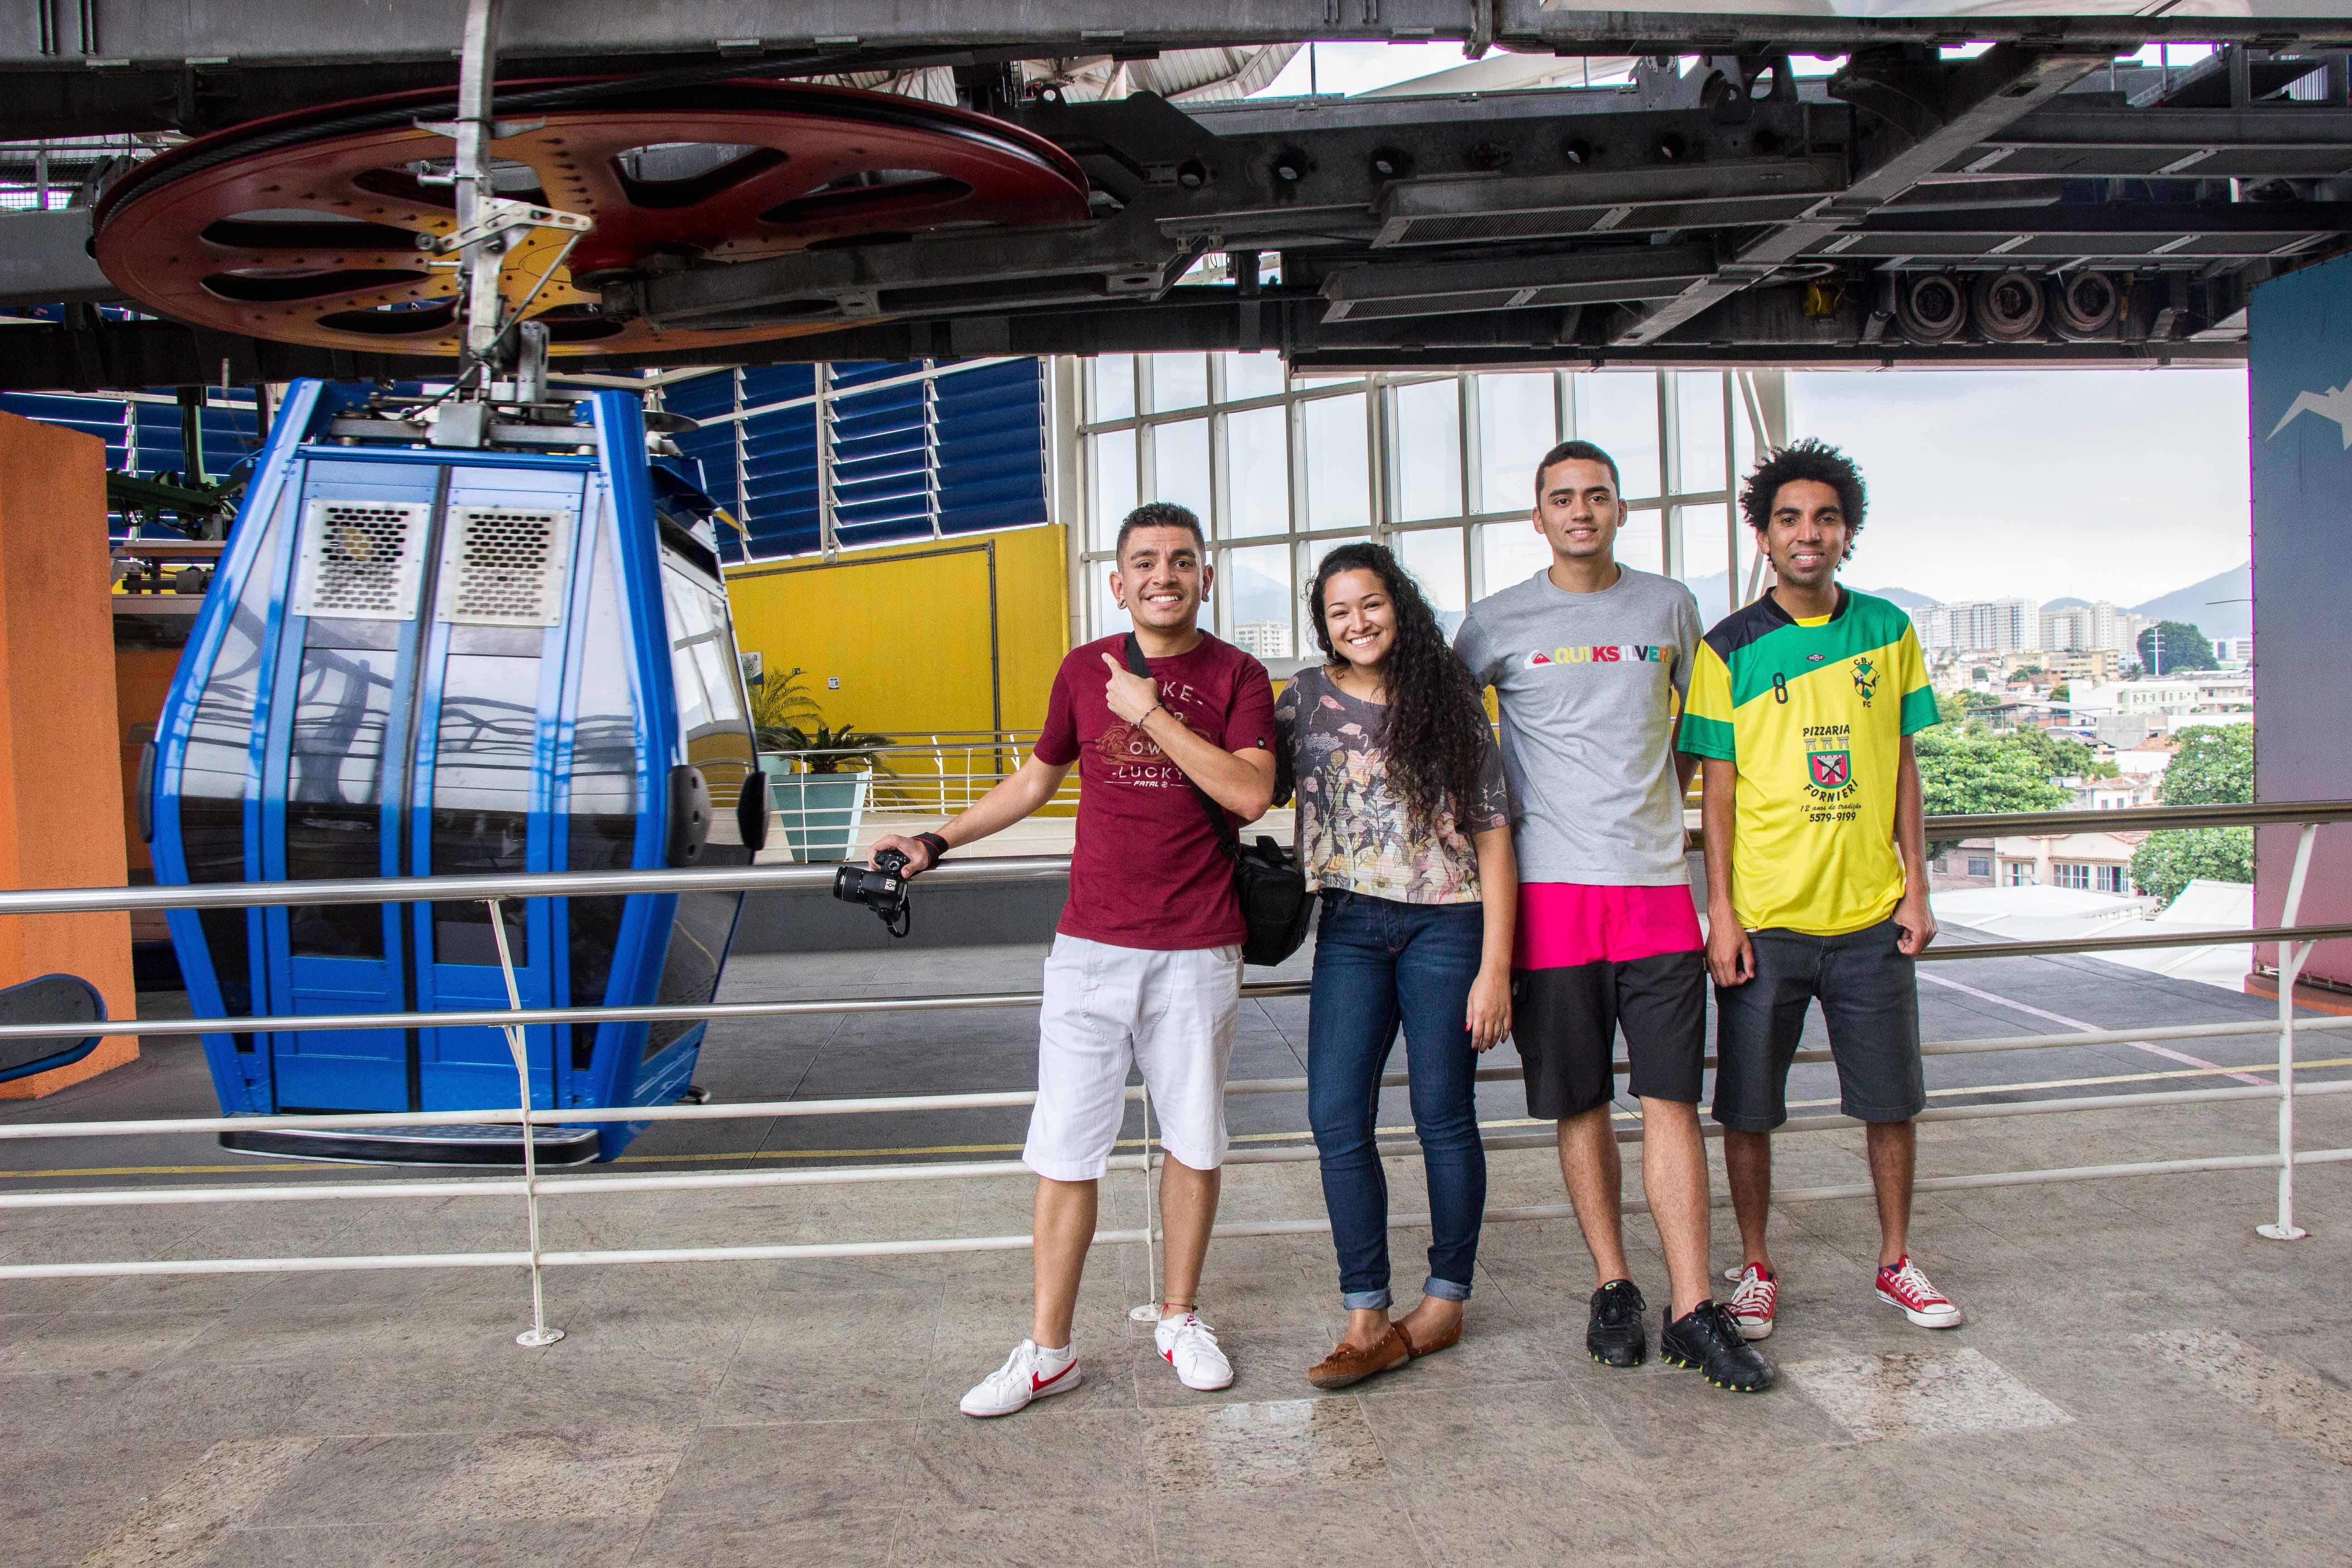 Jovens da Vila Prudente (SP), realizaram intercâmbio de metodologias no Complexo do Alemão